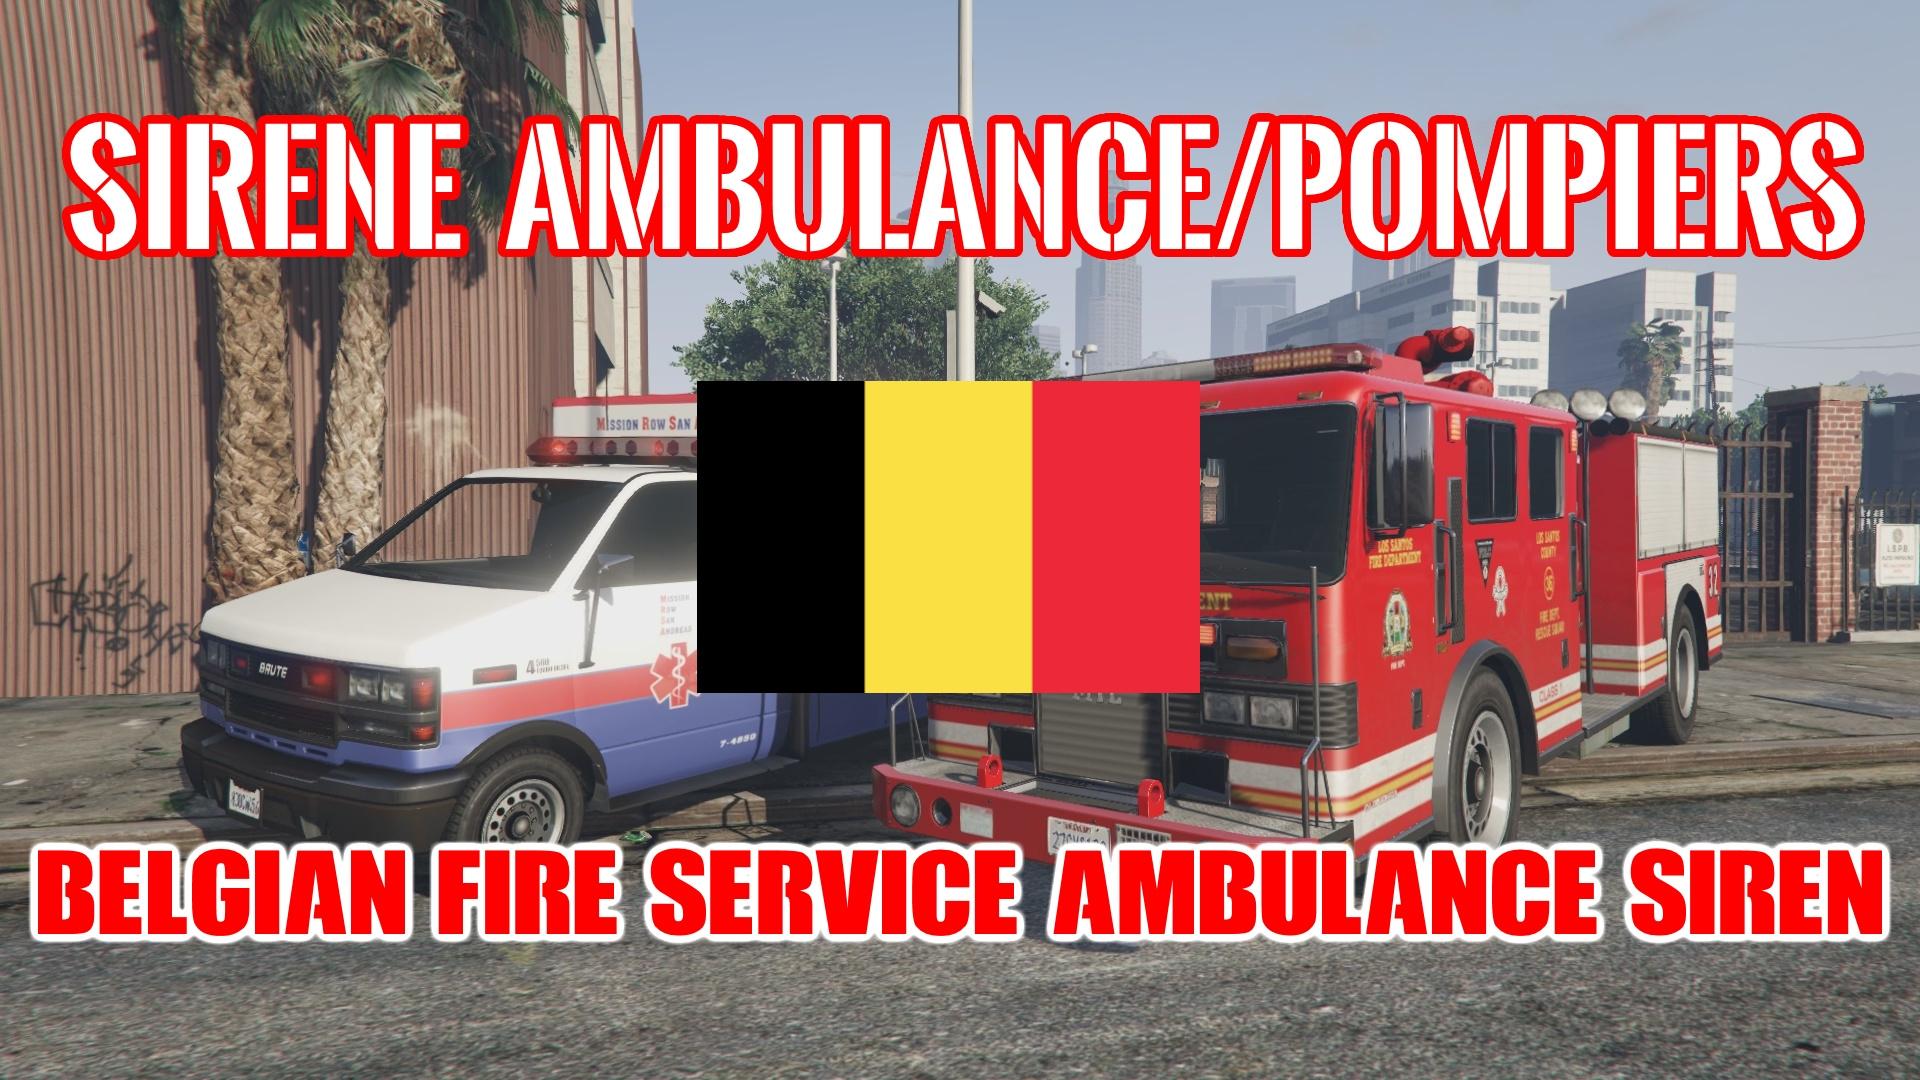 sir ne belge pompiers et ambulance belgian fire service and ambulance siren gta5. Black Bedroom Furniture Sets. Home Design Ideas